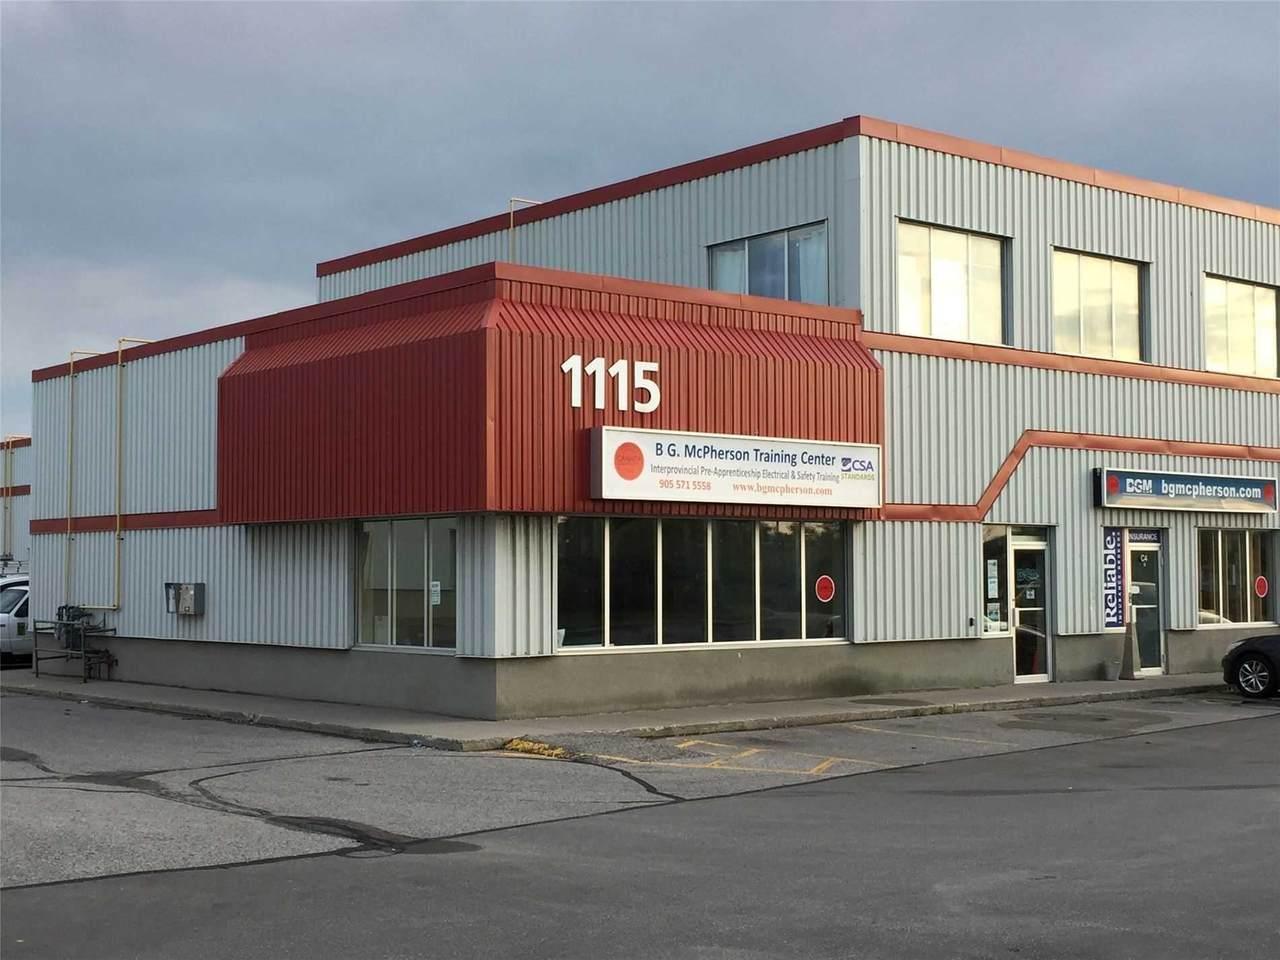 1115 Wentworth St - Photo 1